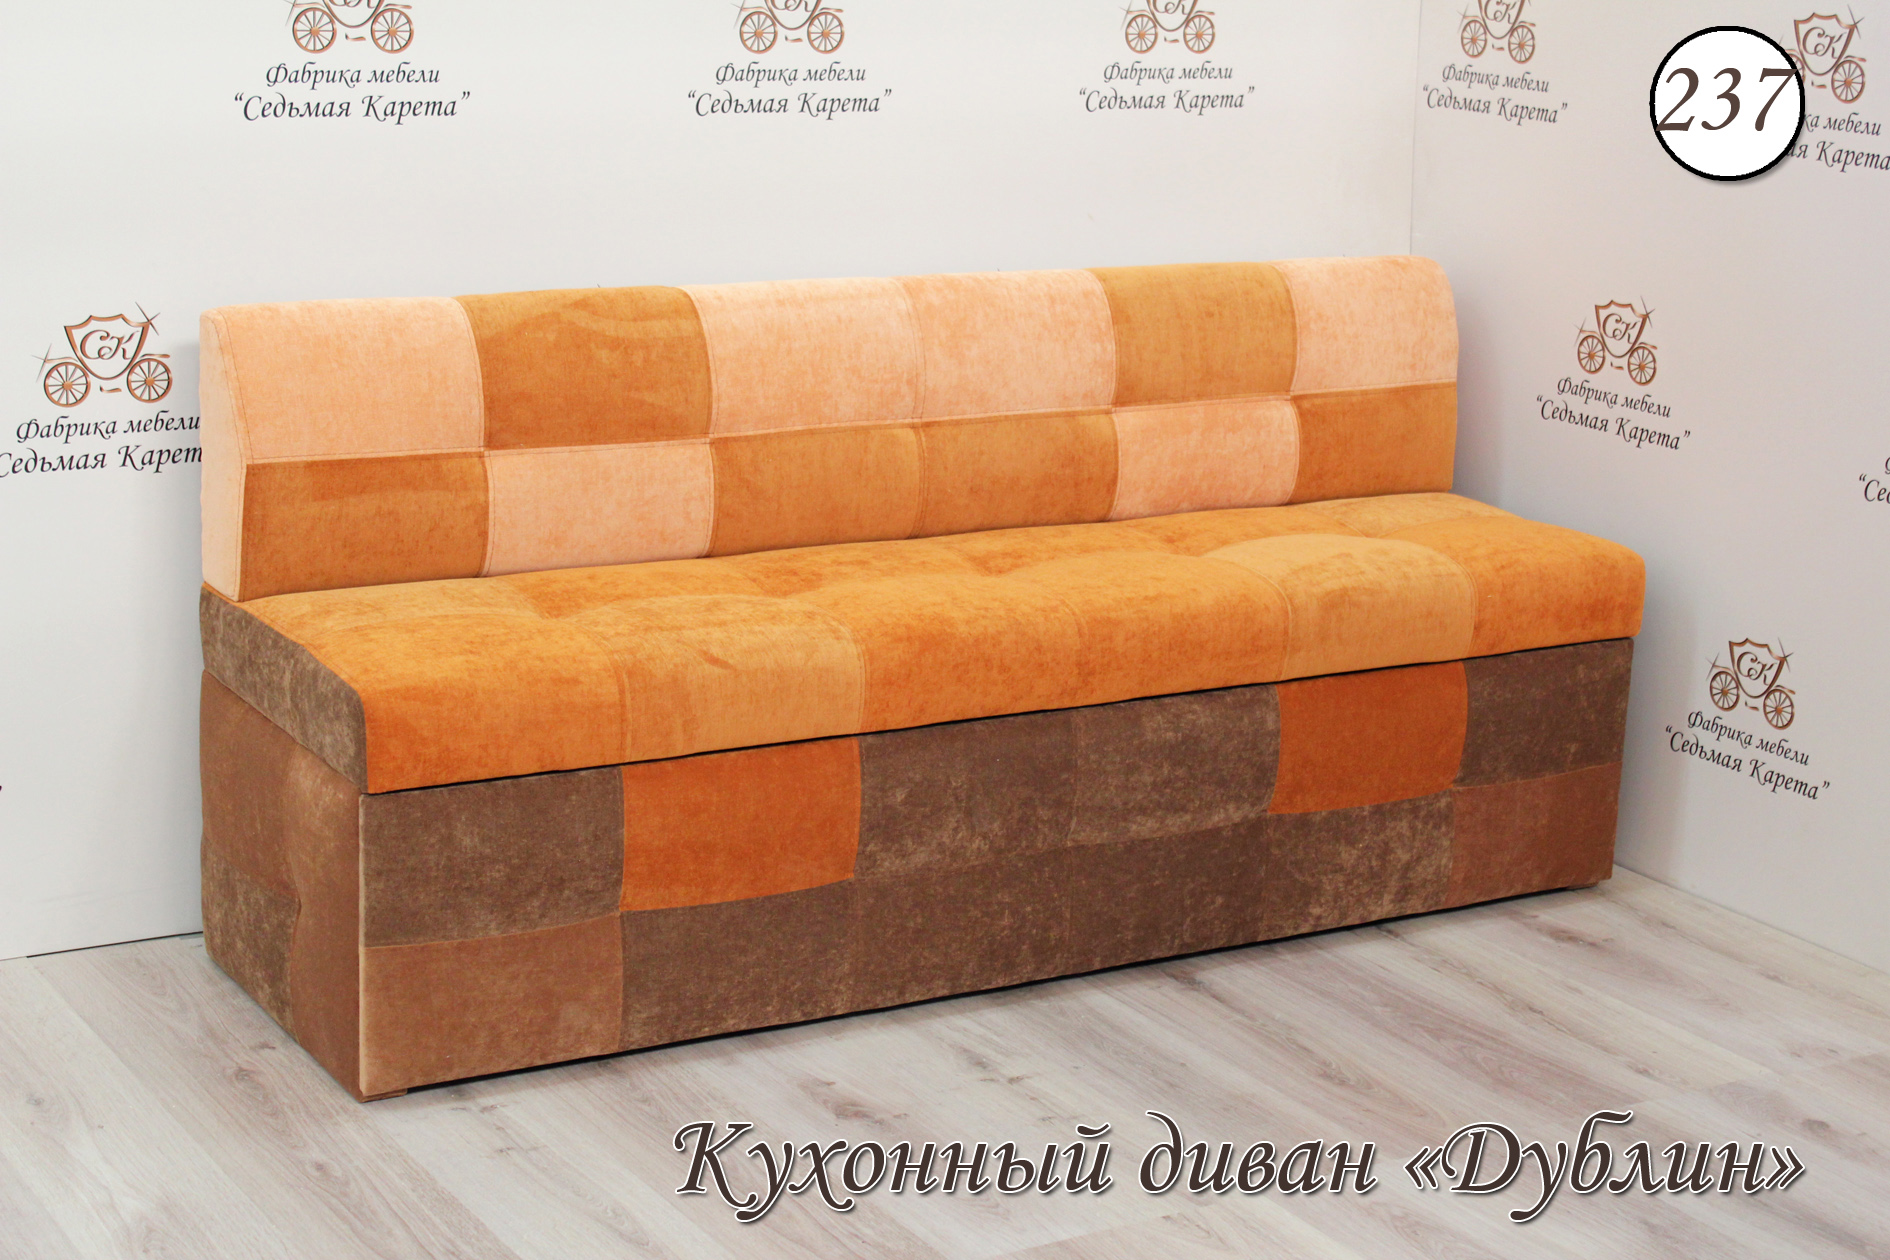 Кухонный диван Дублин-237 кухонный диван дублин